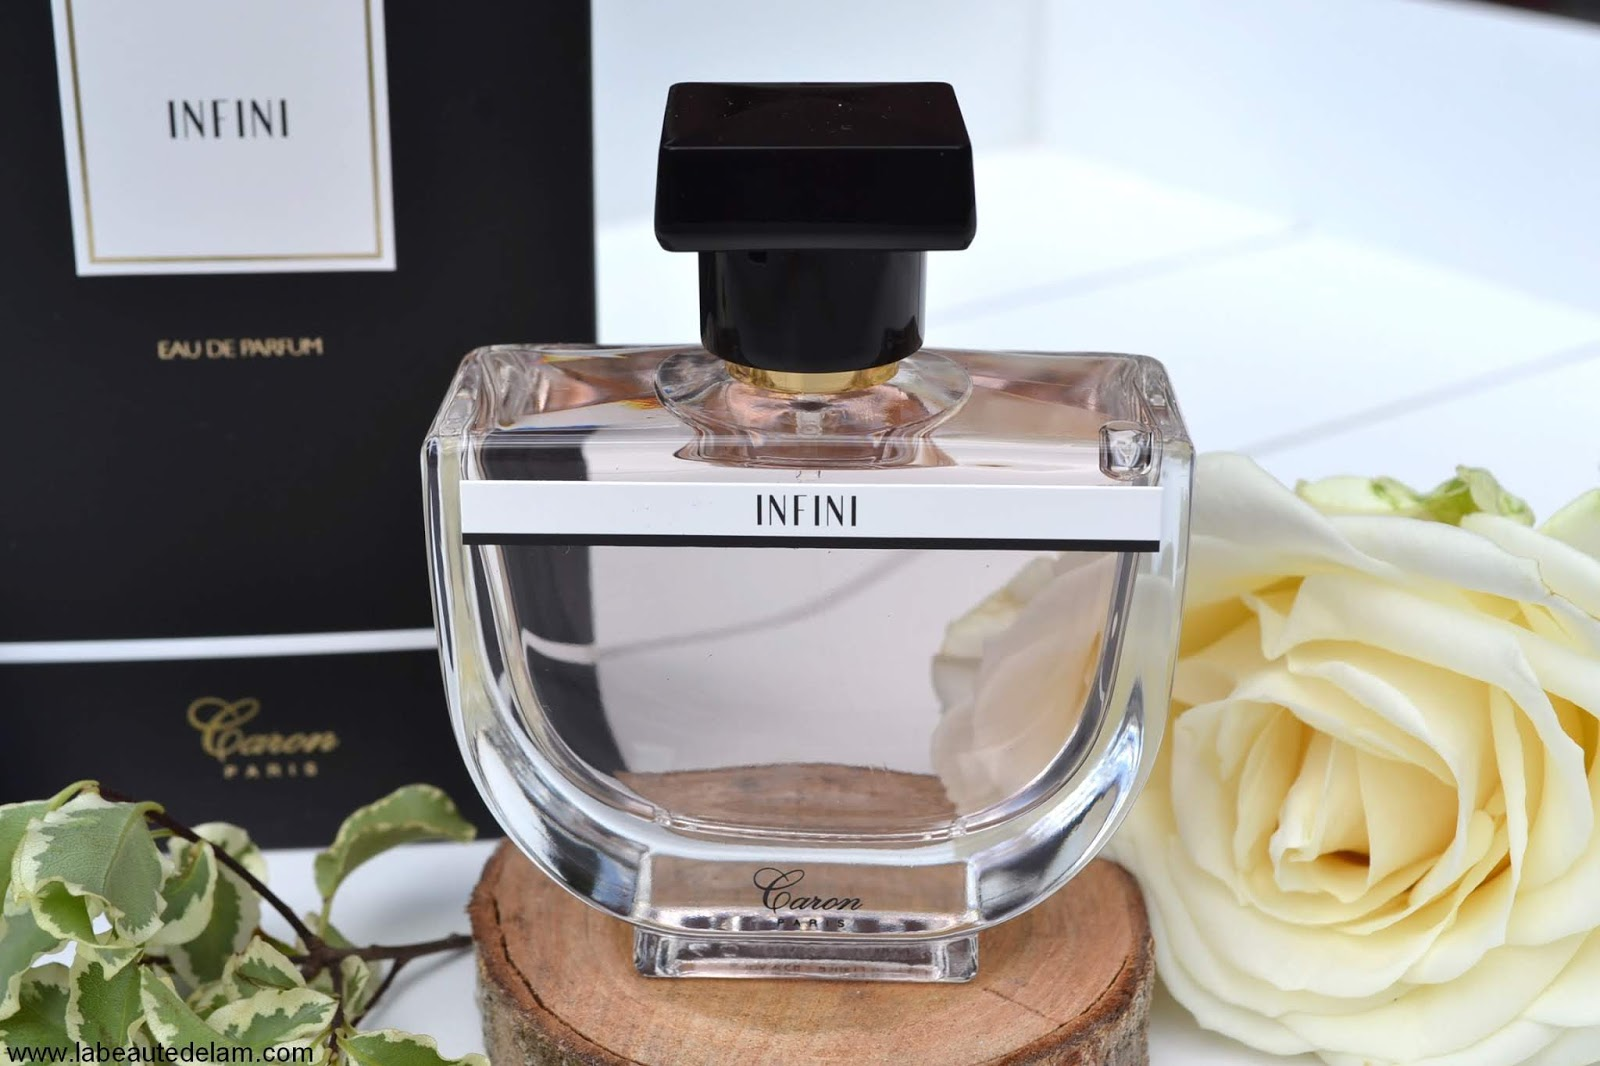 Infini De Caron Douceur Dun Parfum Printanier